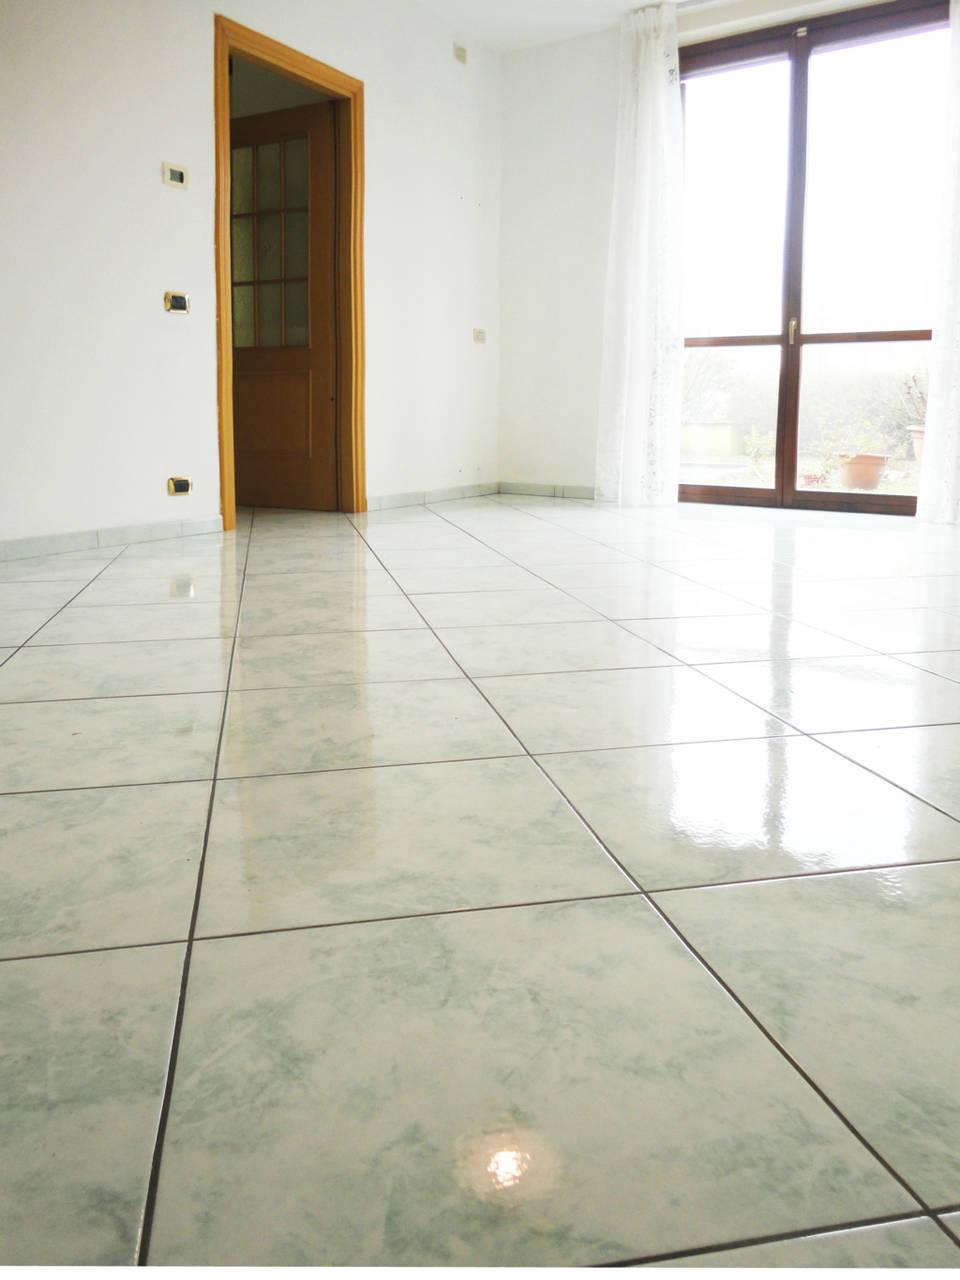 Appartamento-con-giardino-privato-in-vendita-a-San-Giuliano-Milanese-8